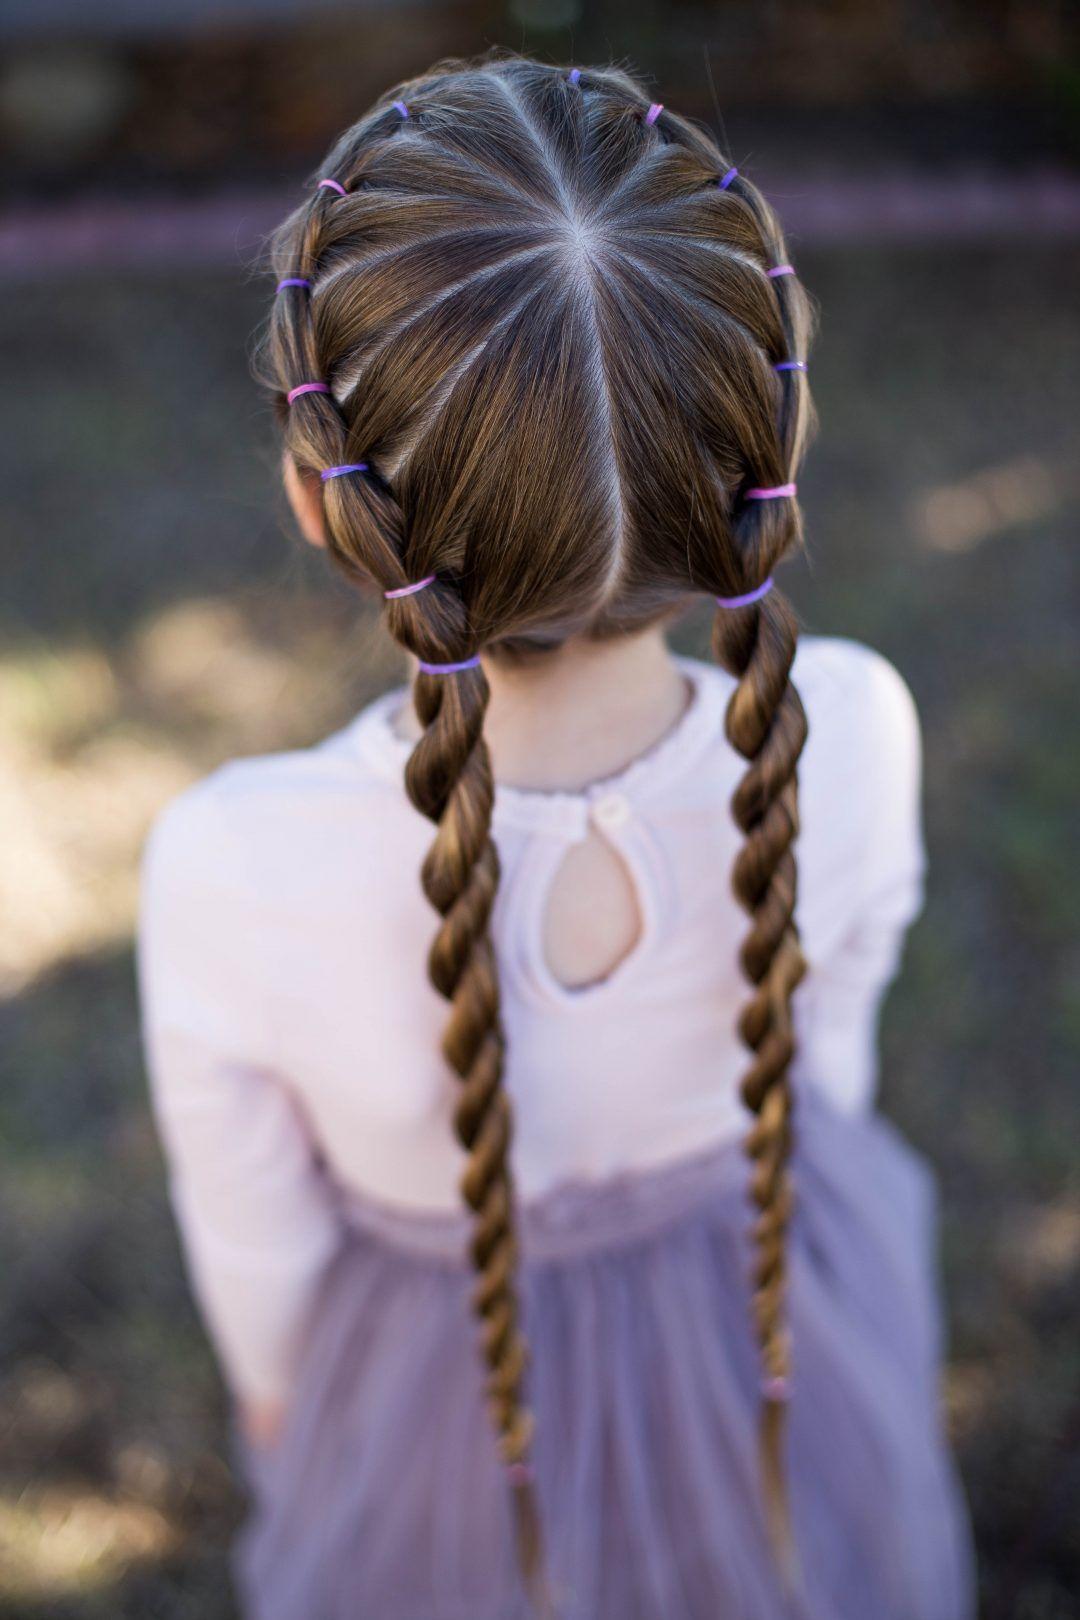 Banded Twist Braid | Cute Girls Hairstyles #girlhairstyles